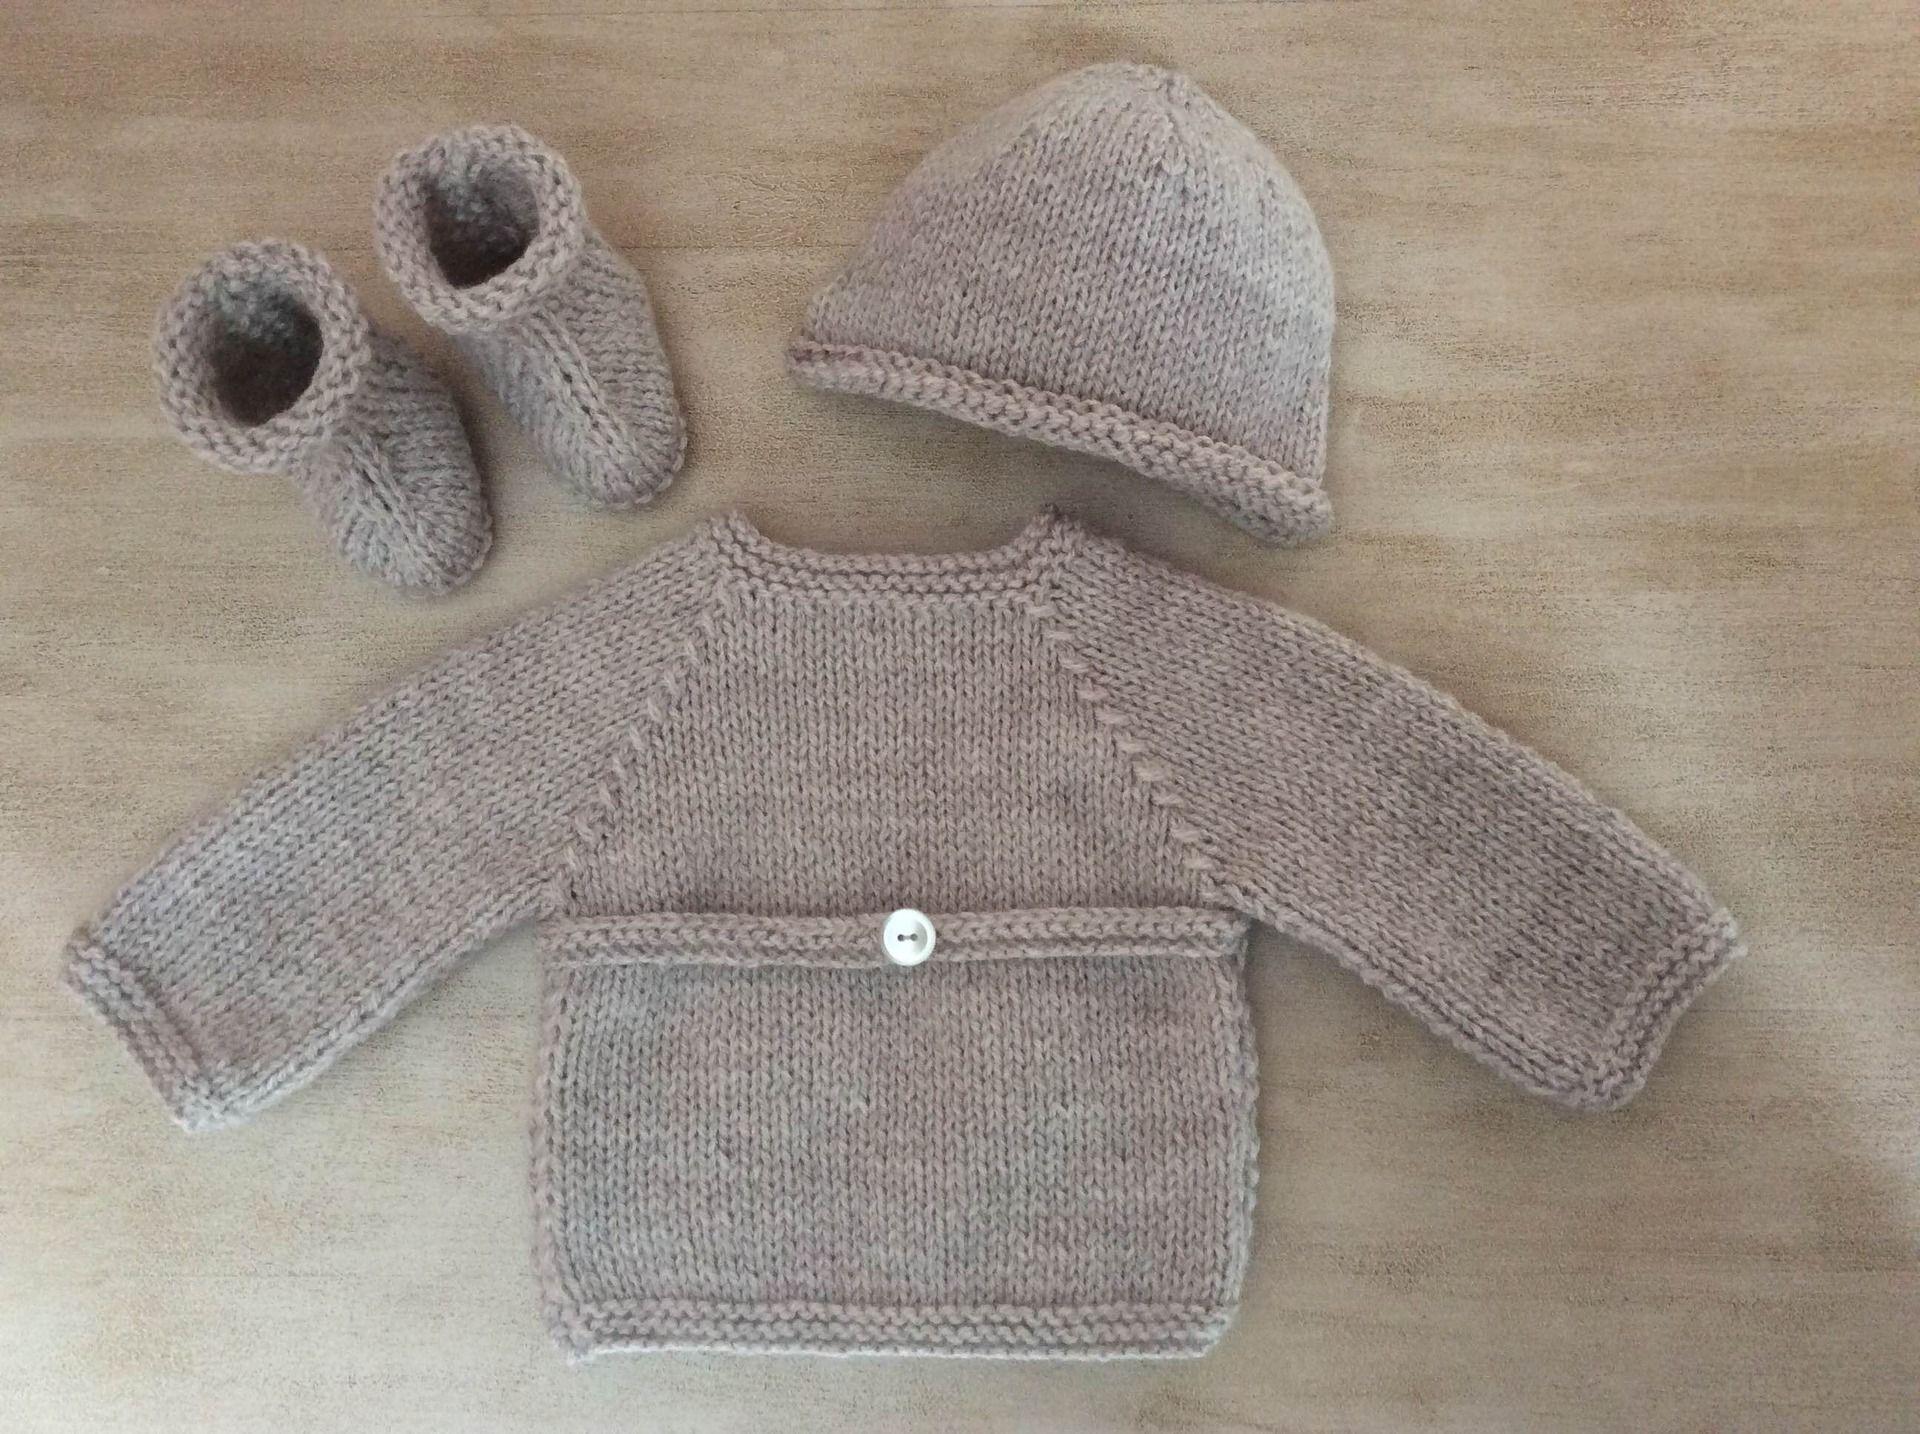 dd6284e84a49f Ensemble Bébé naissance à 1 mois Brassière croisée Chaussons Bonnet pointu  Tricot fait main en laine ...